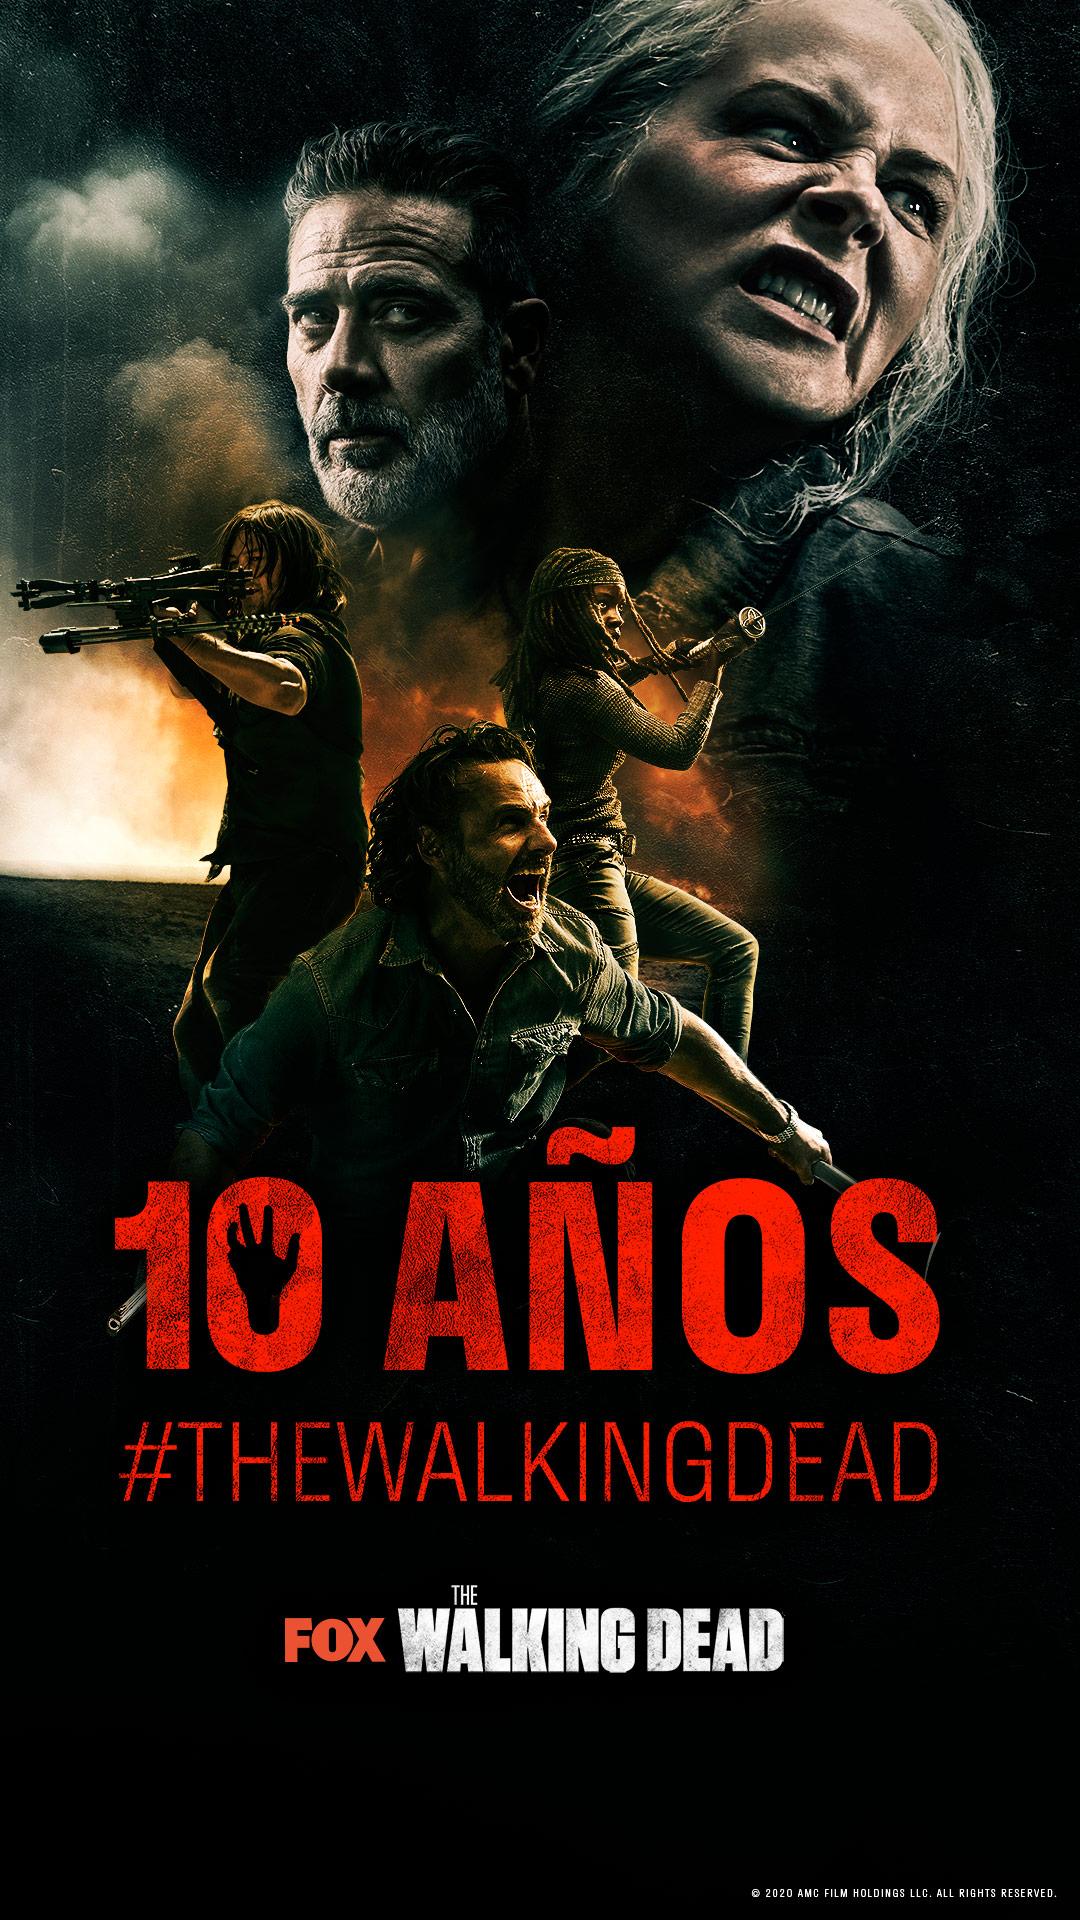 Fox celebra el décimo aniversario de 'The Walking Dead' con una pieza conmemorativa